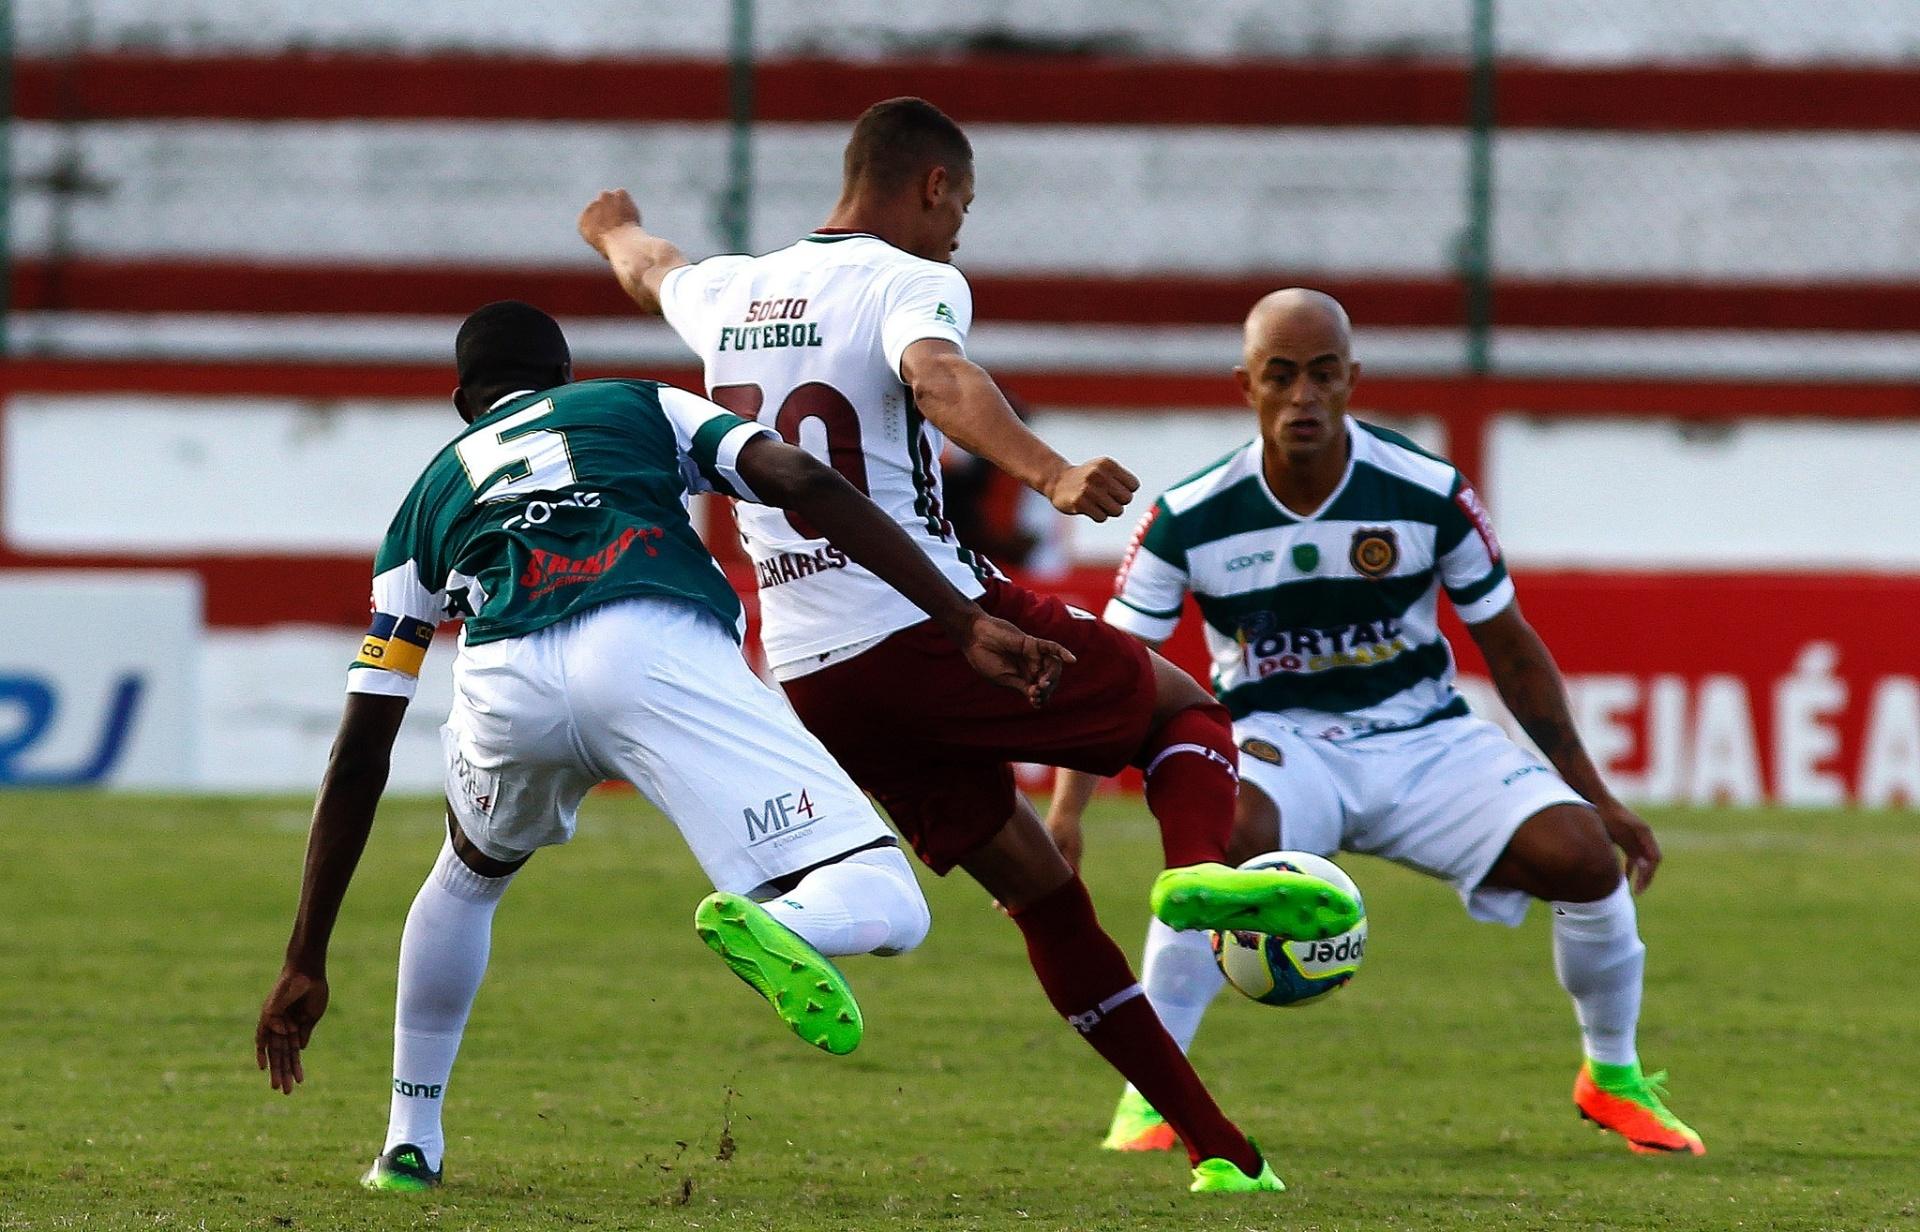 Flu sofre dois gols de atacante veterano e fica no empate com Madureira -  Esporte - BOL 2185ffe3bd3ff